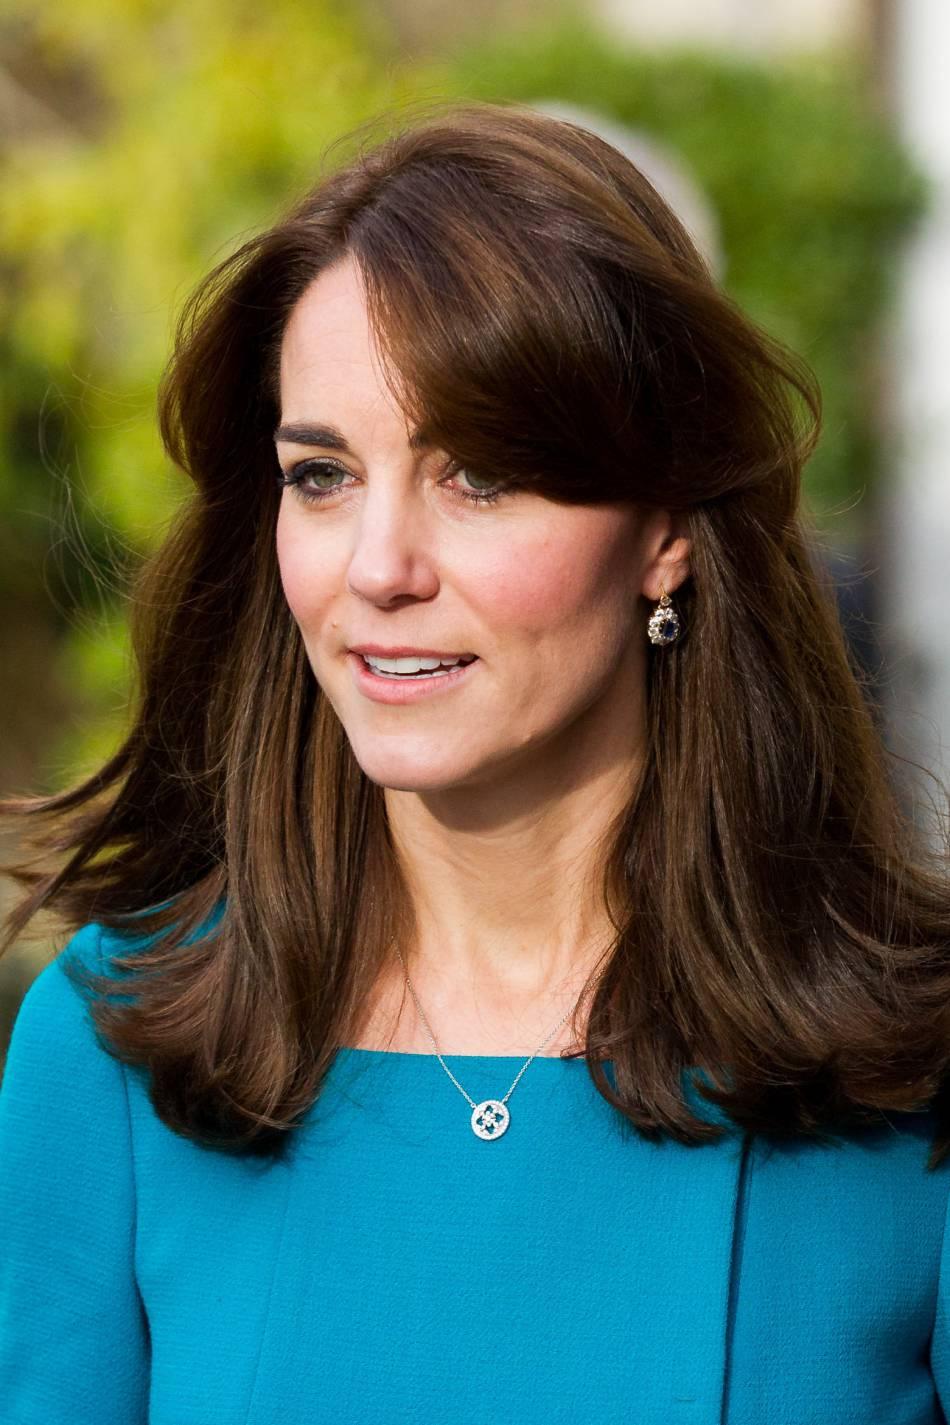 La coupe de Kate Middleton est l'objet de toutes les attentions.